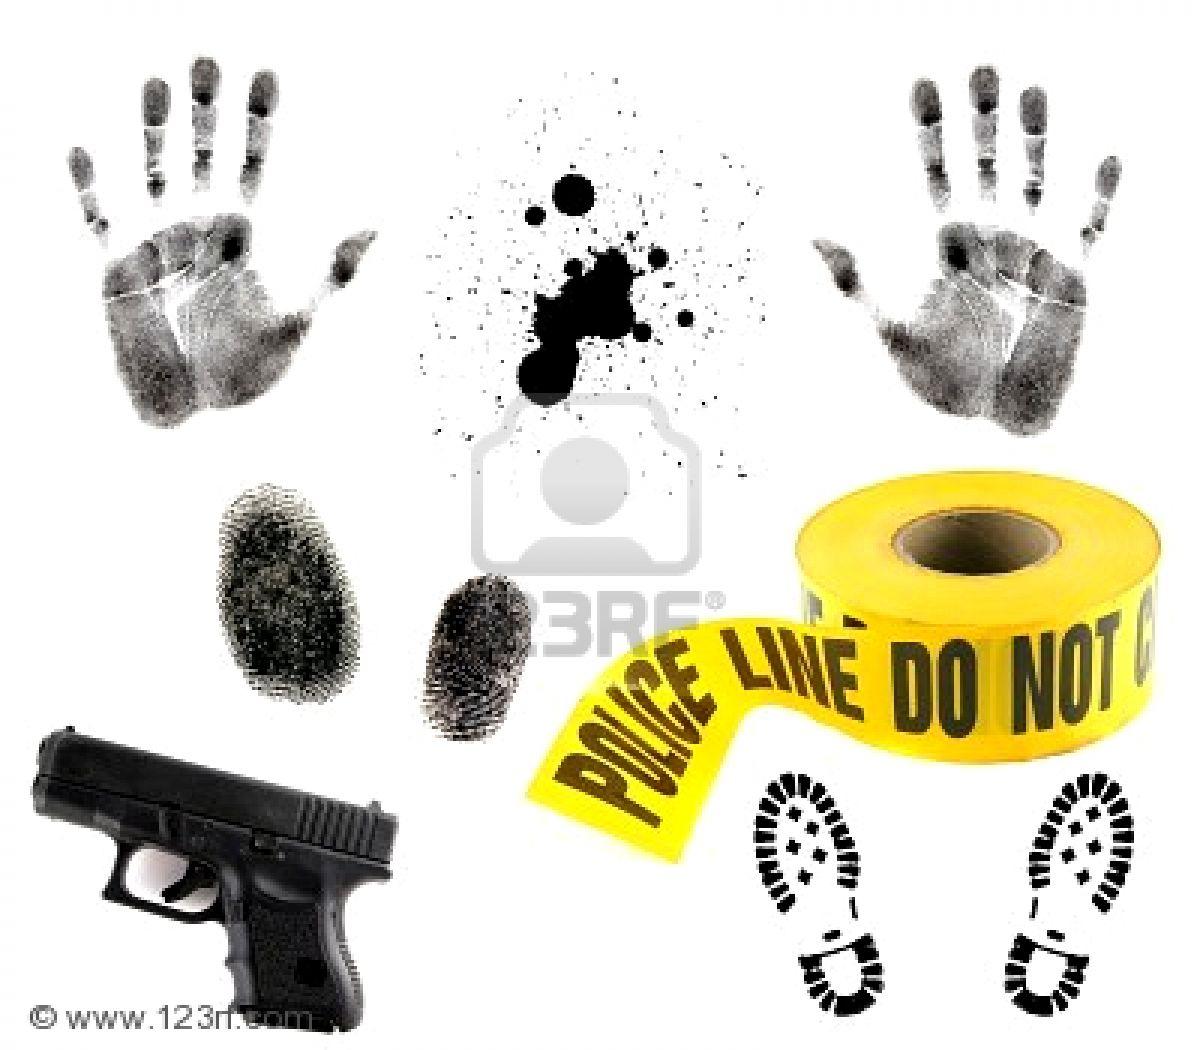 Crime Scene Investigation Clipart.